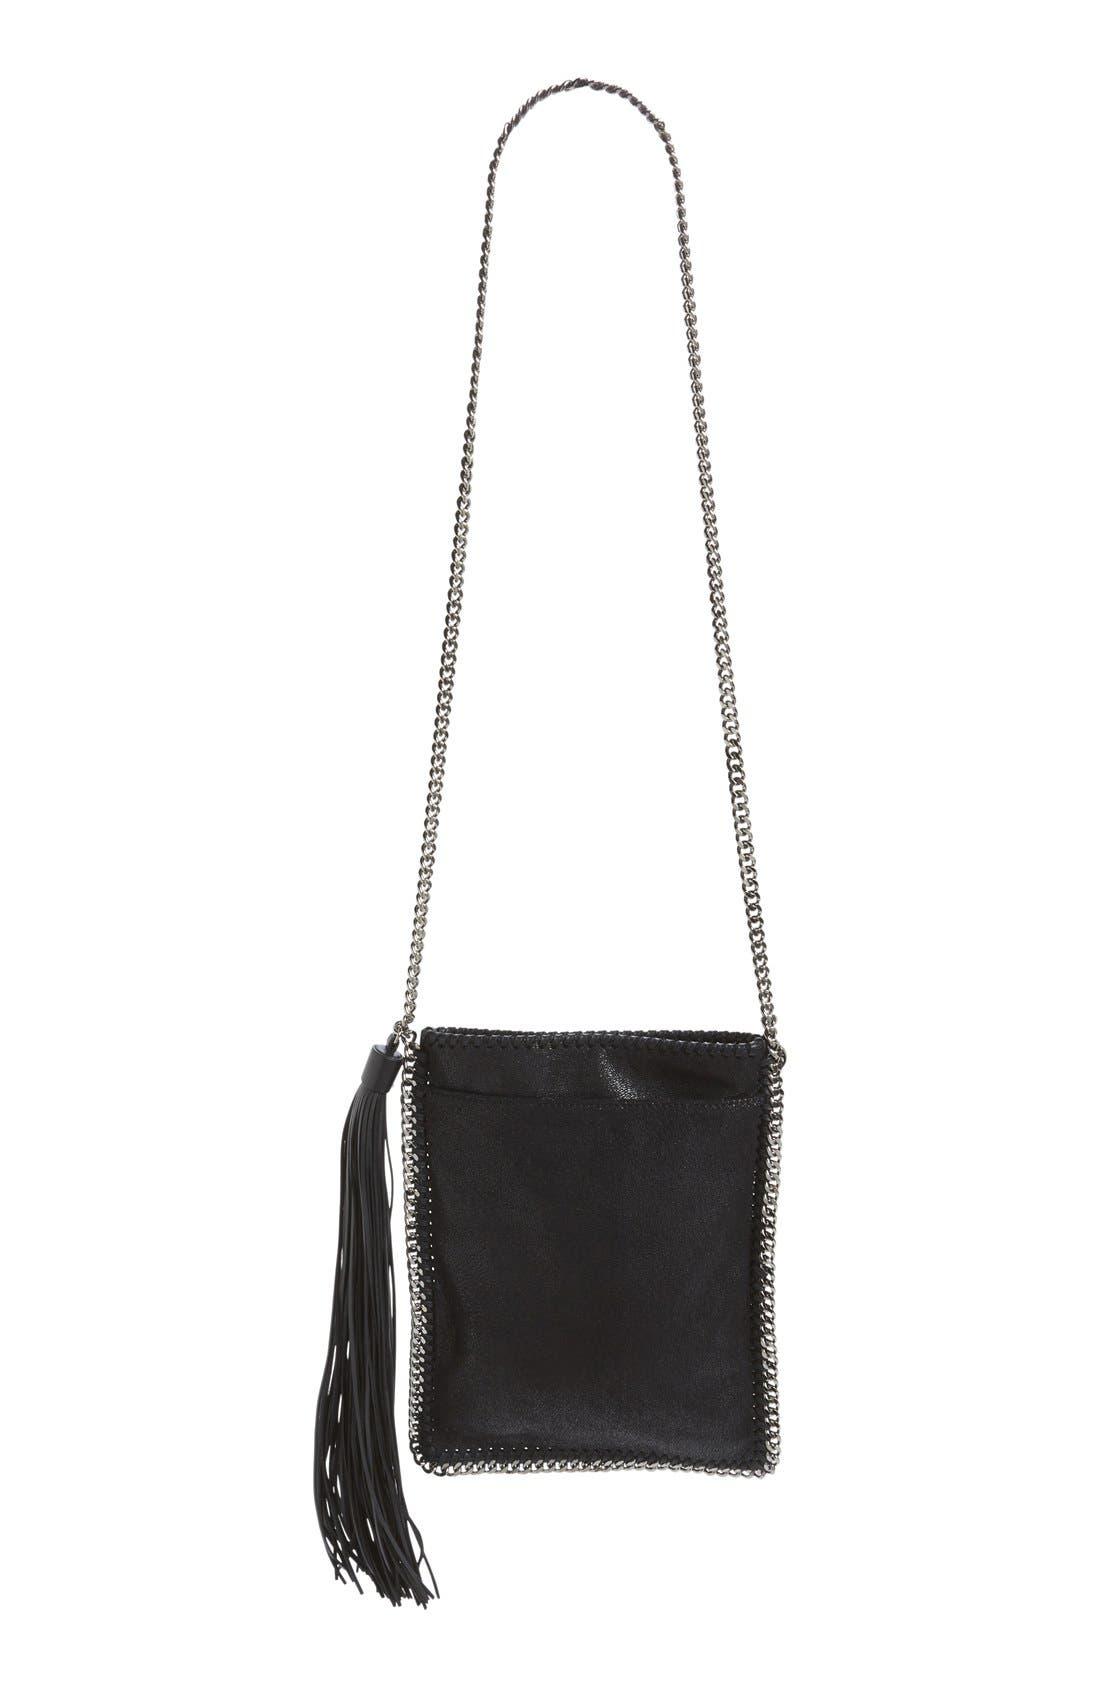 'Falabella' Faux Leather Shoulder Bag,                             Alternate thumbnail 4, color,                             001